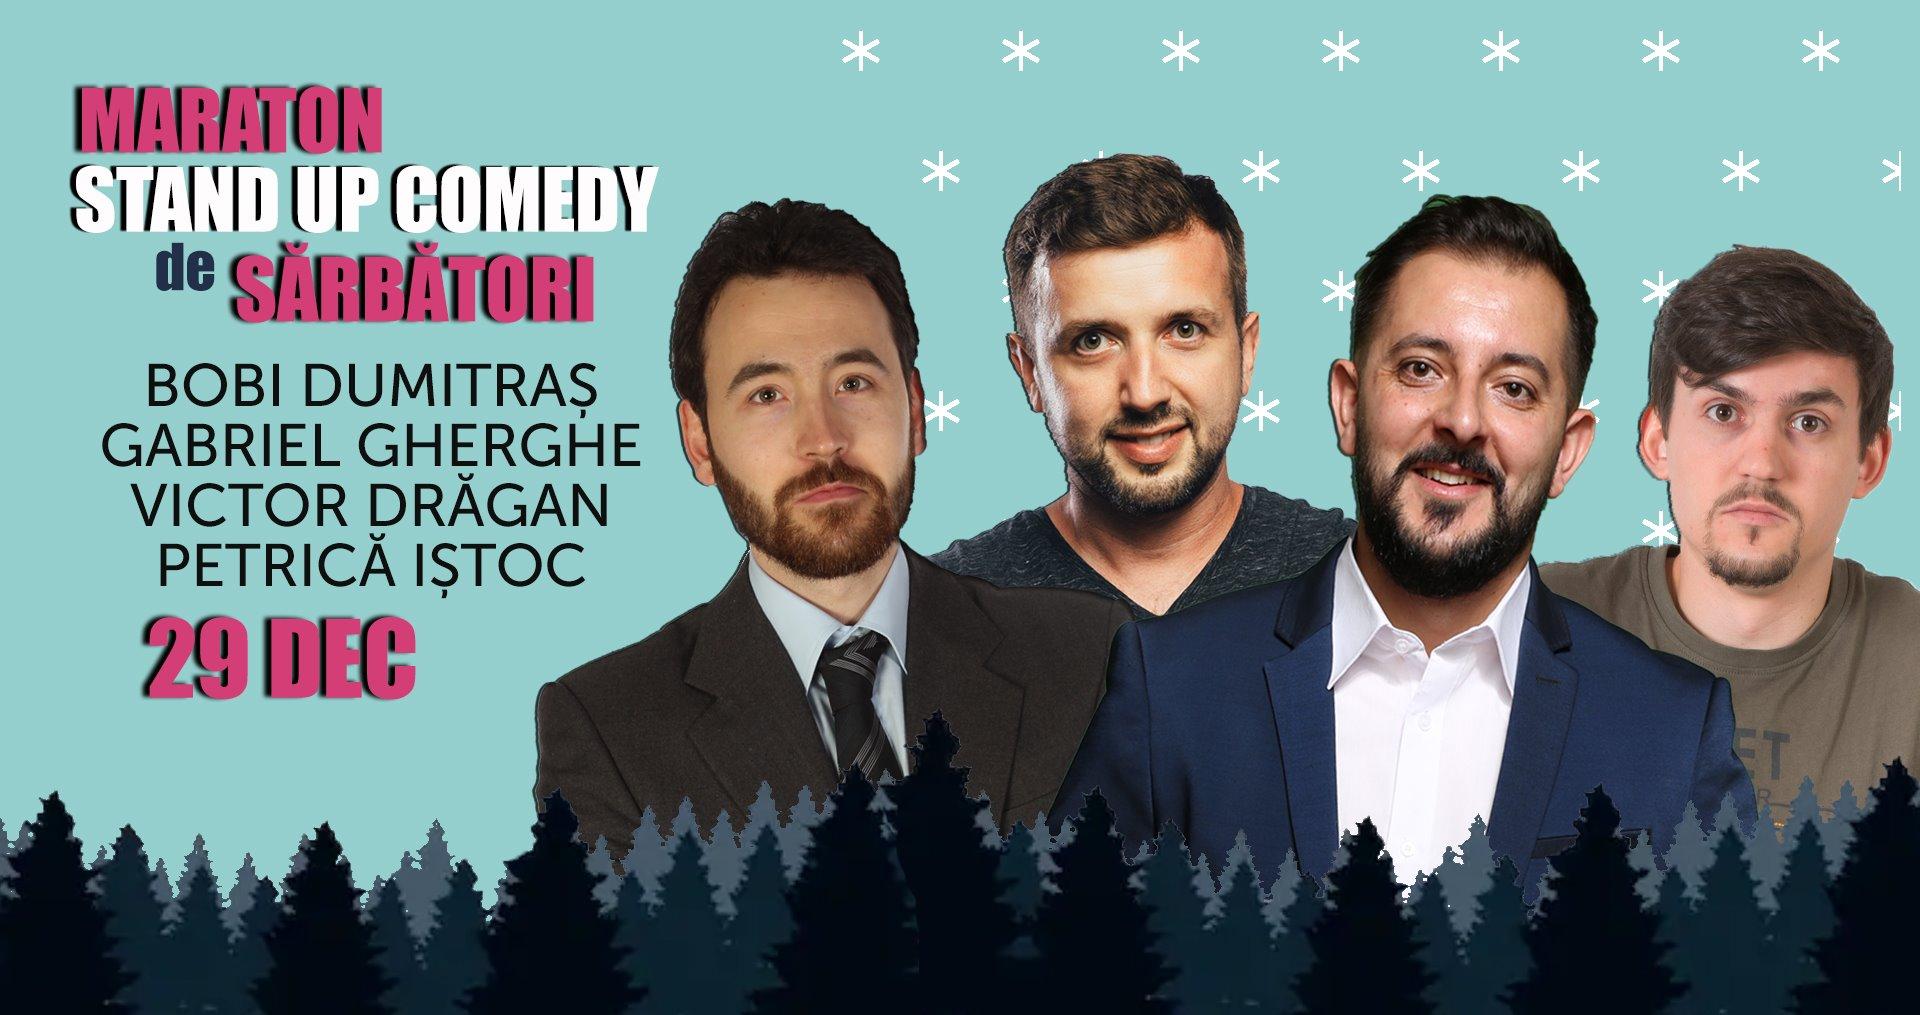 Stand-up comedy cu Gabriel Gherghe, Bobi Dumitraș, Victor Drăgan si Petrică Iștoc